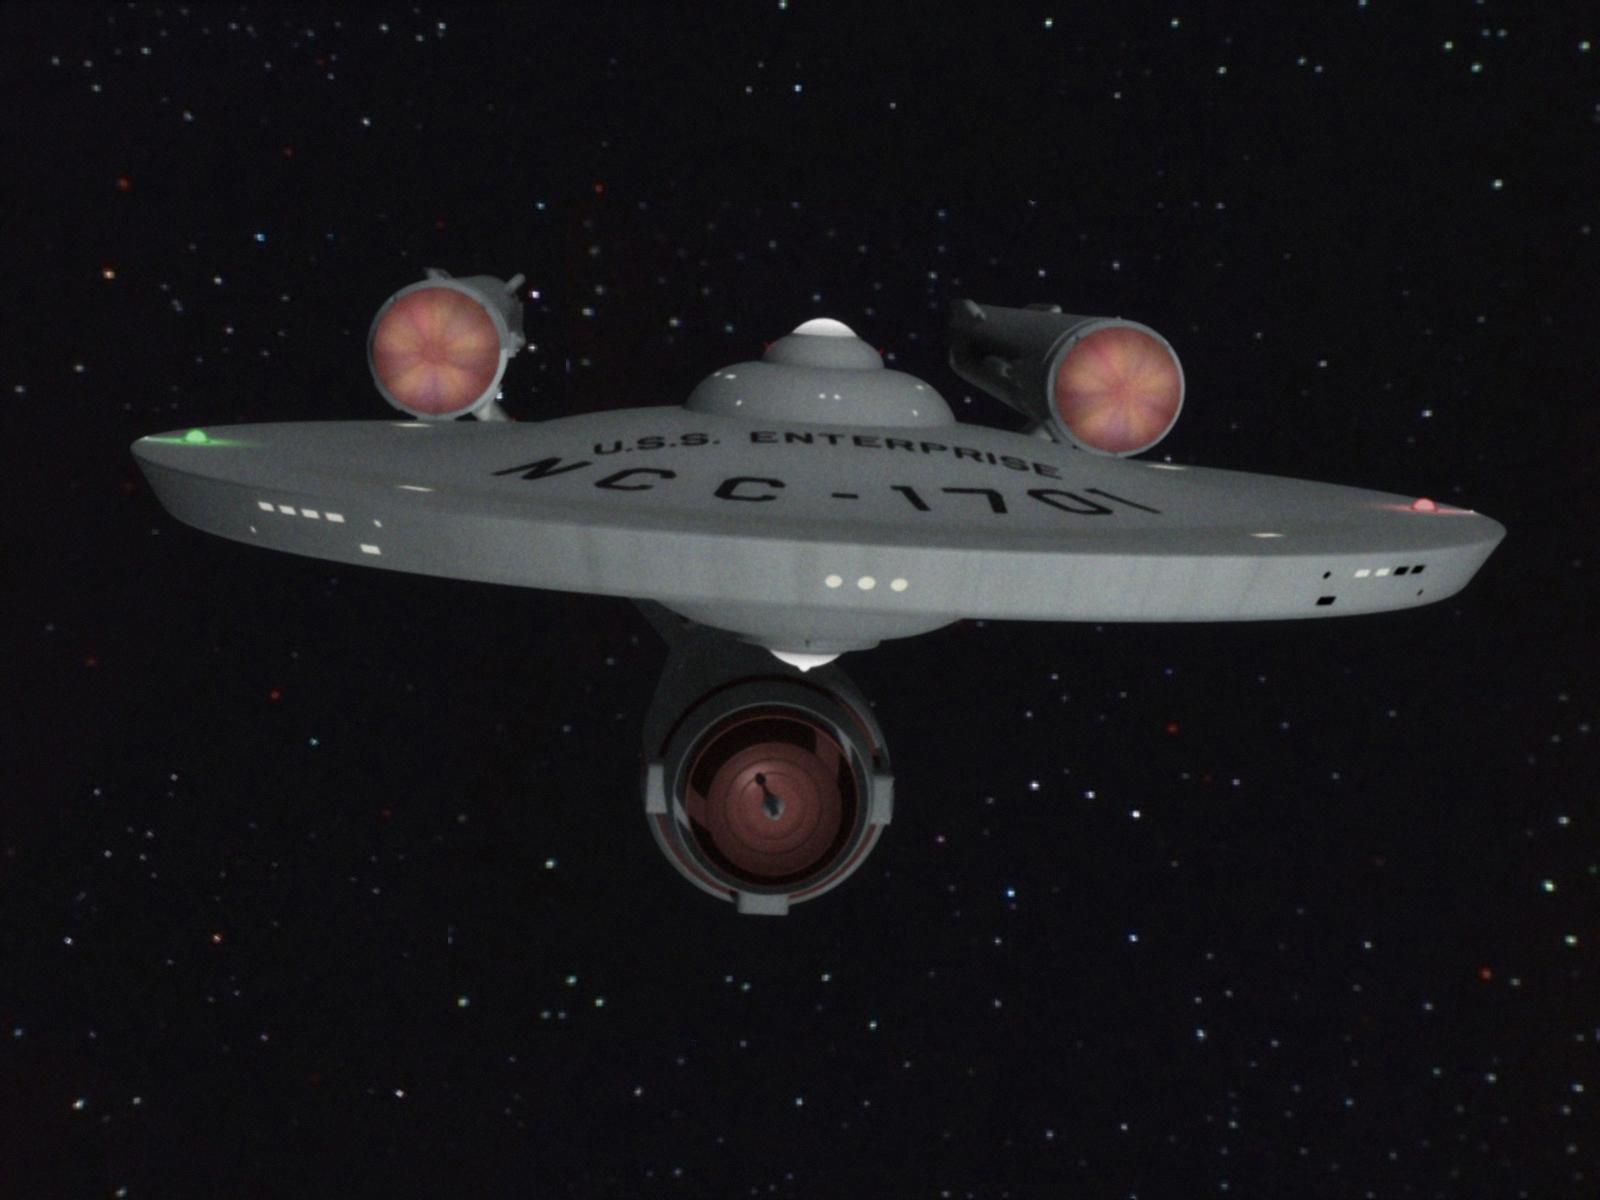 ScifiEric's Enterprise